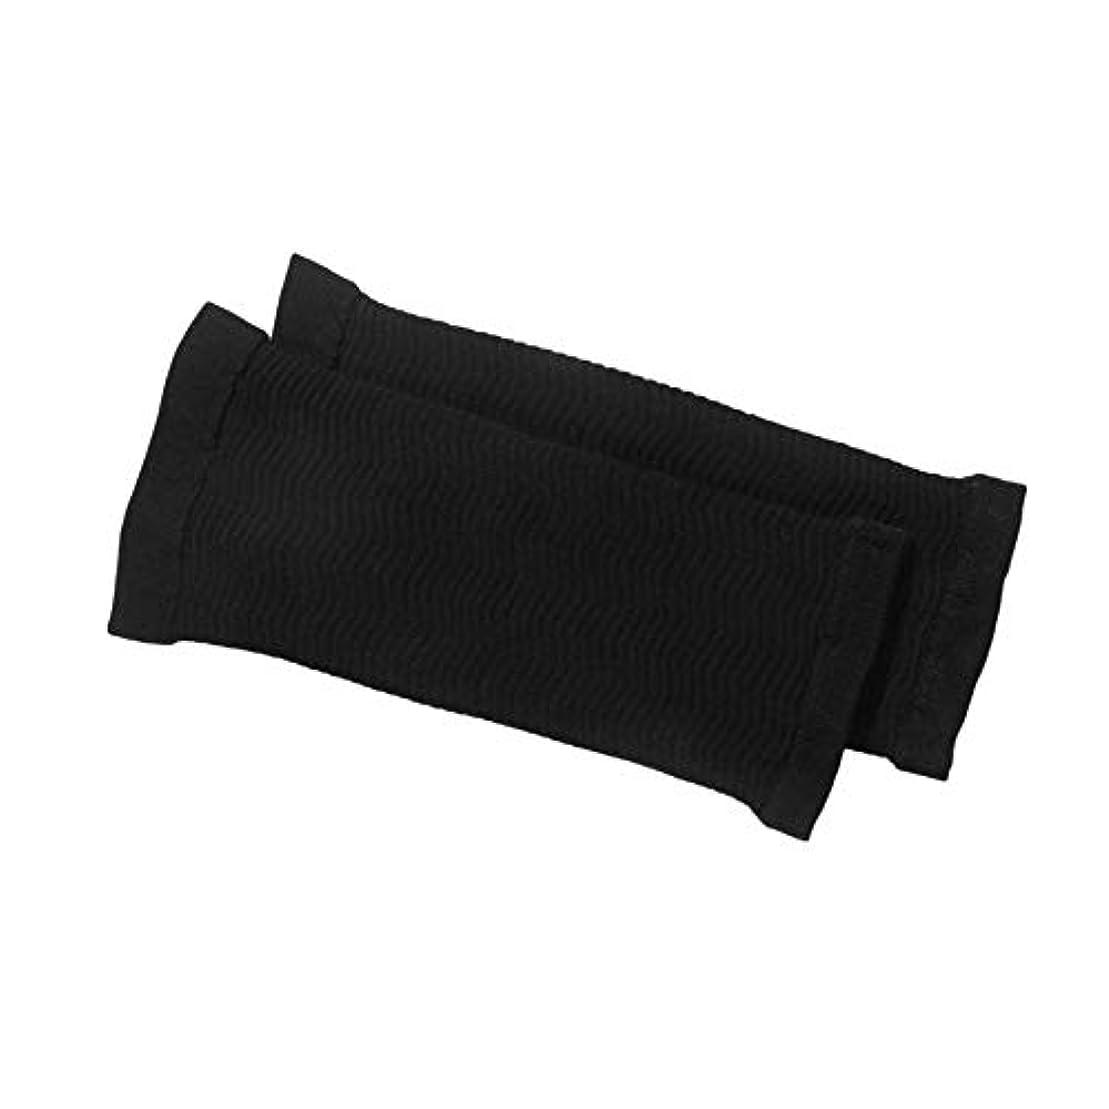 絶縁するポーン居間1ペア420 D圧縮痩身アームスリーブワークアウトトーニングバーンセルライトシェイパー脂肪燃焼袖用女性 - 黒